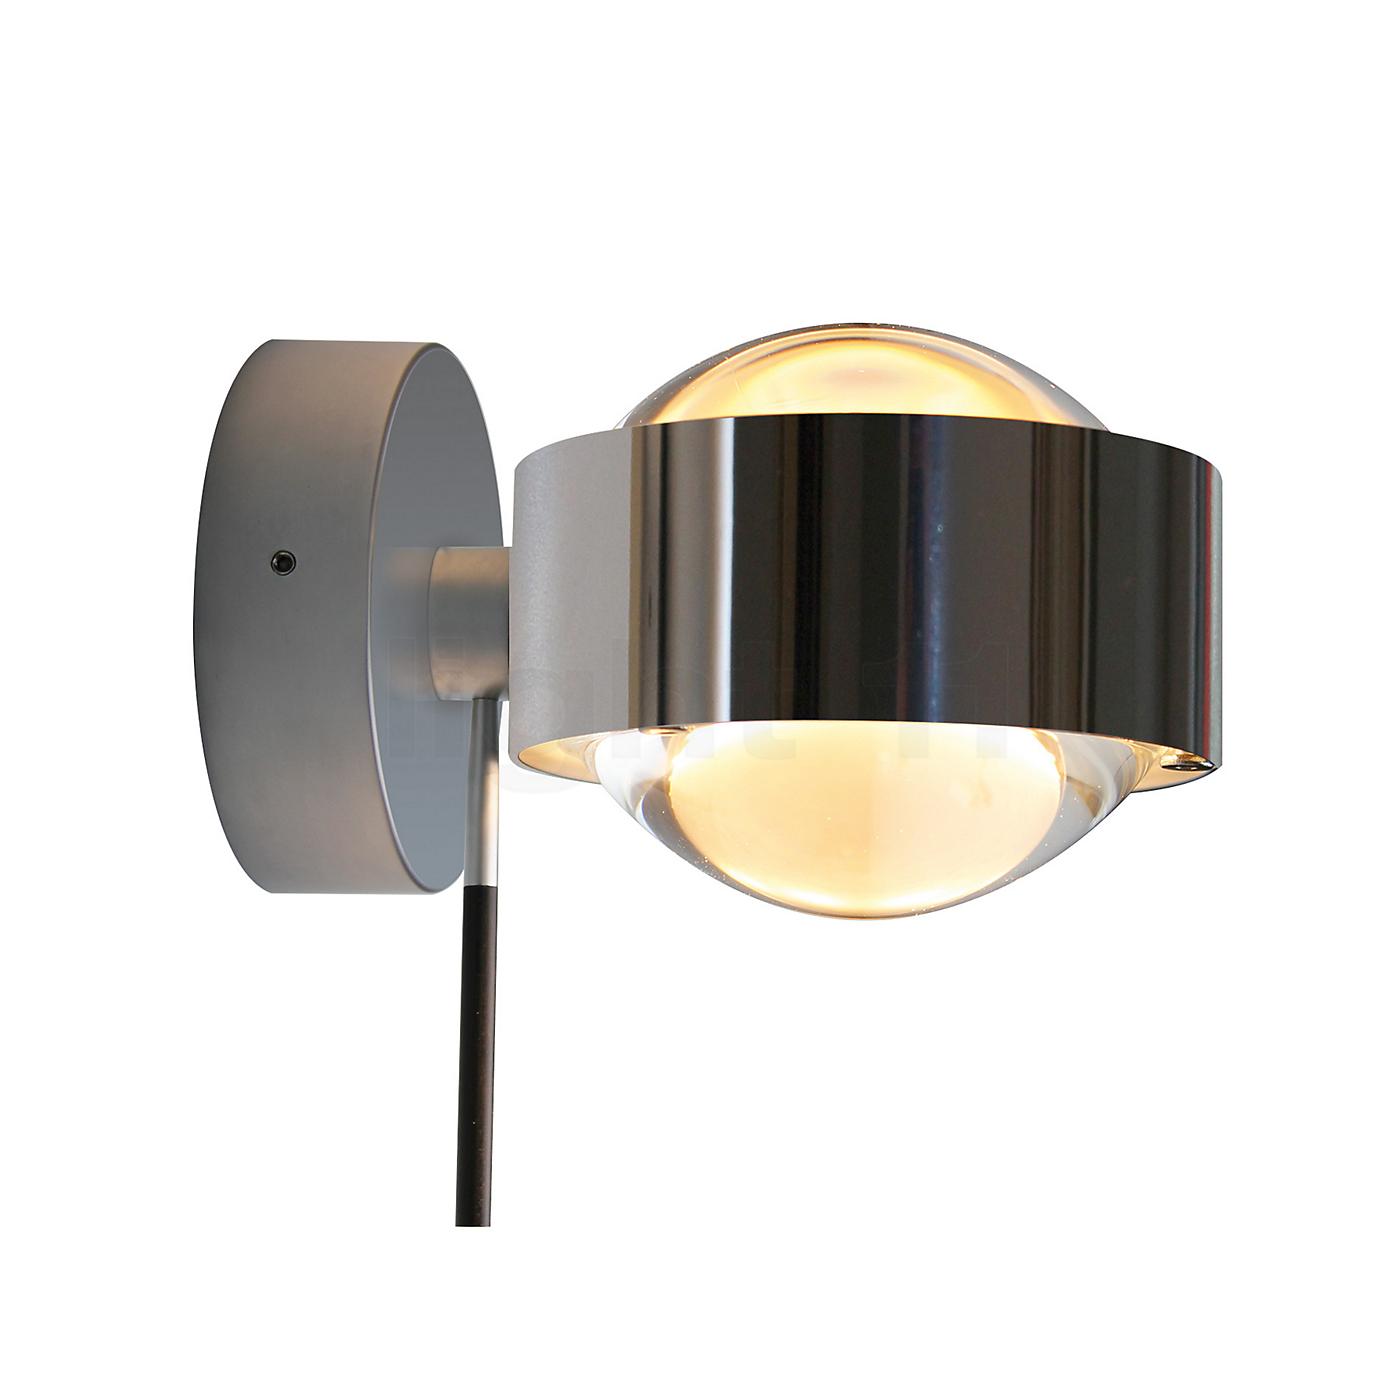 top light puk wall wandleuchte kaufen bei. Black Bedroom Furniture Sets. Home Design Ideas